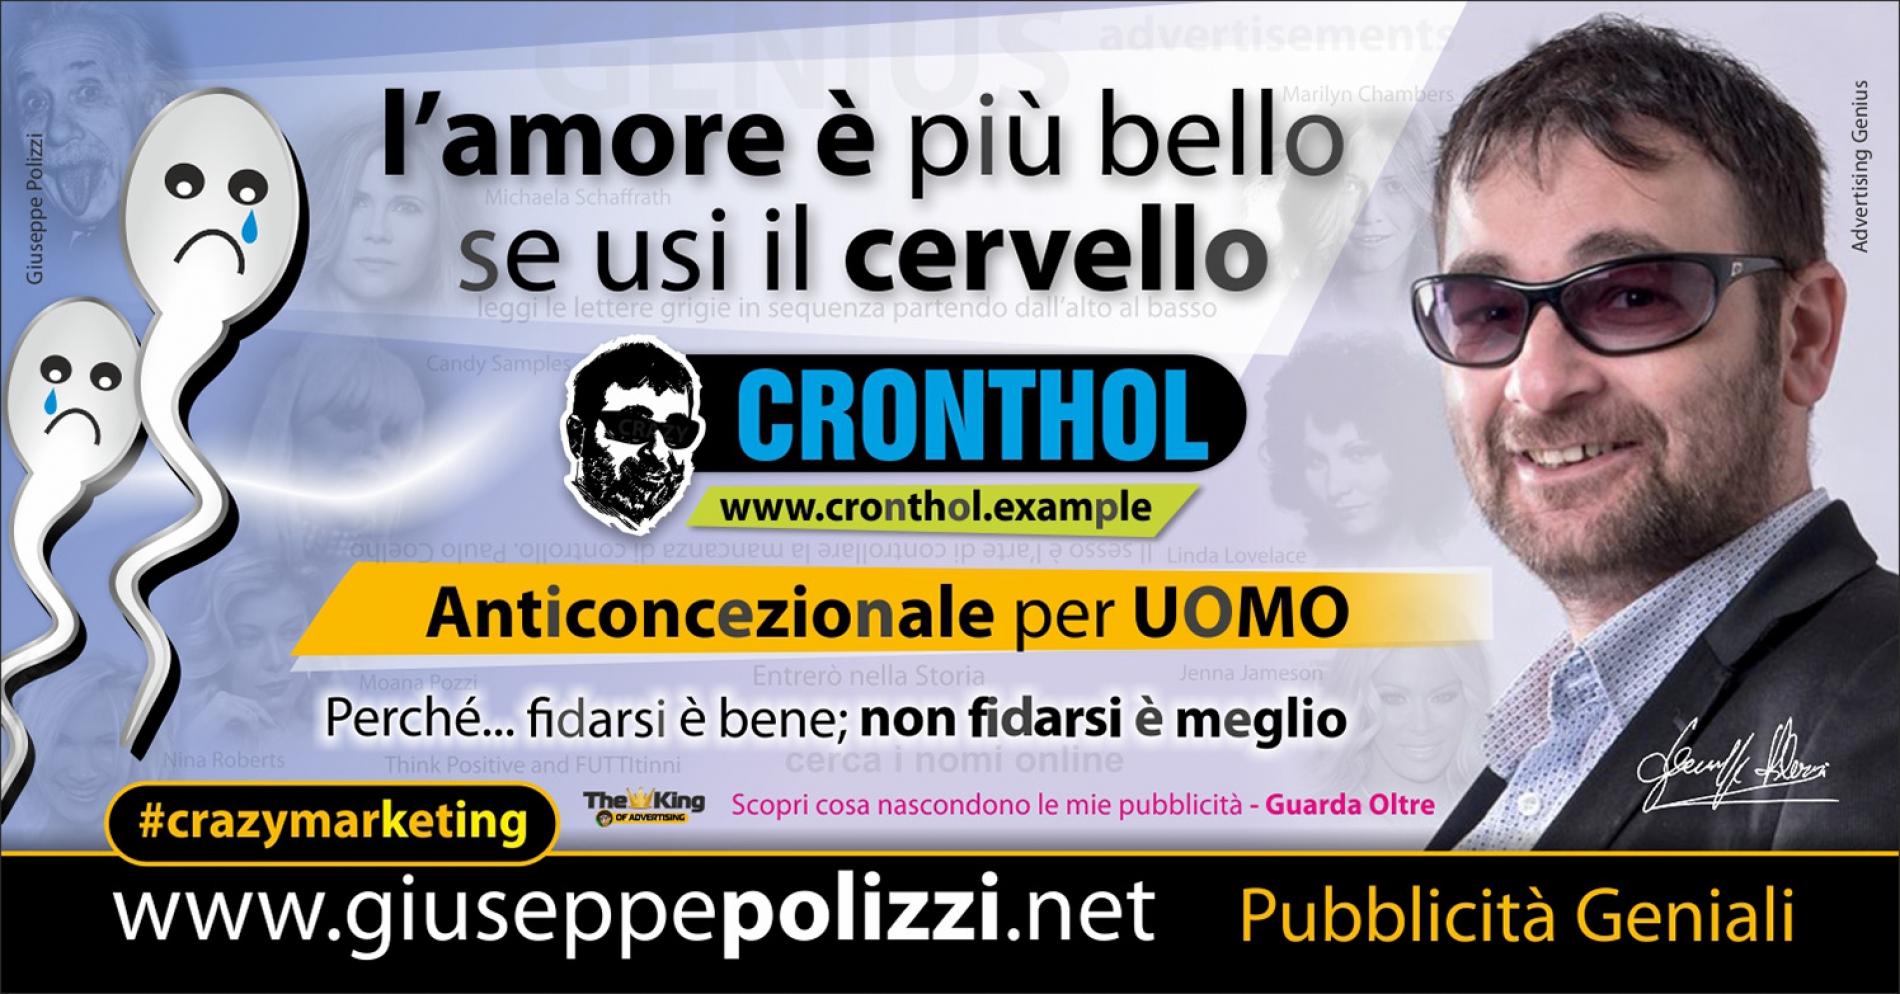 Giuseppe Polizzi crazymarketing Anticoncezionale Uomo pubblicità geniali